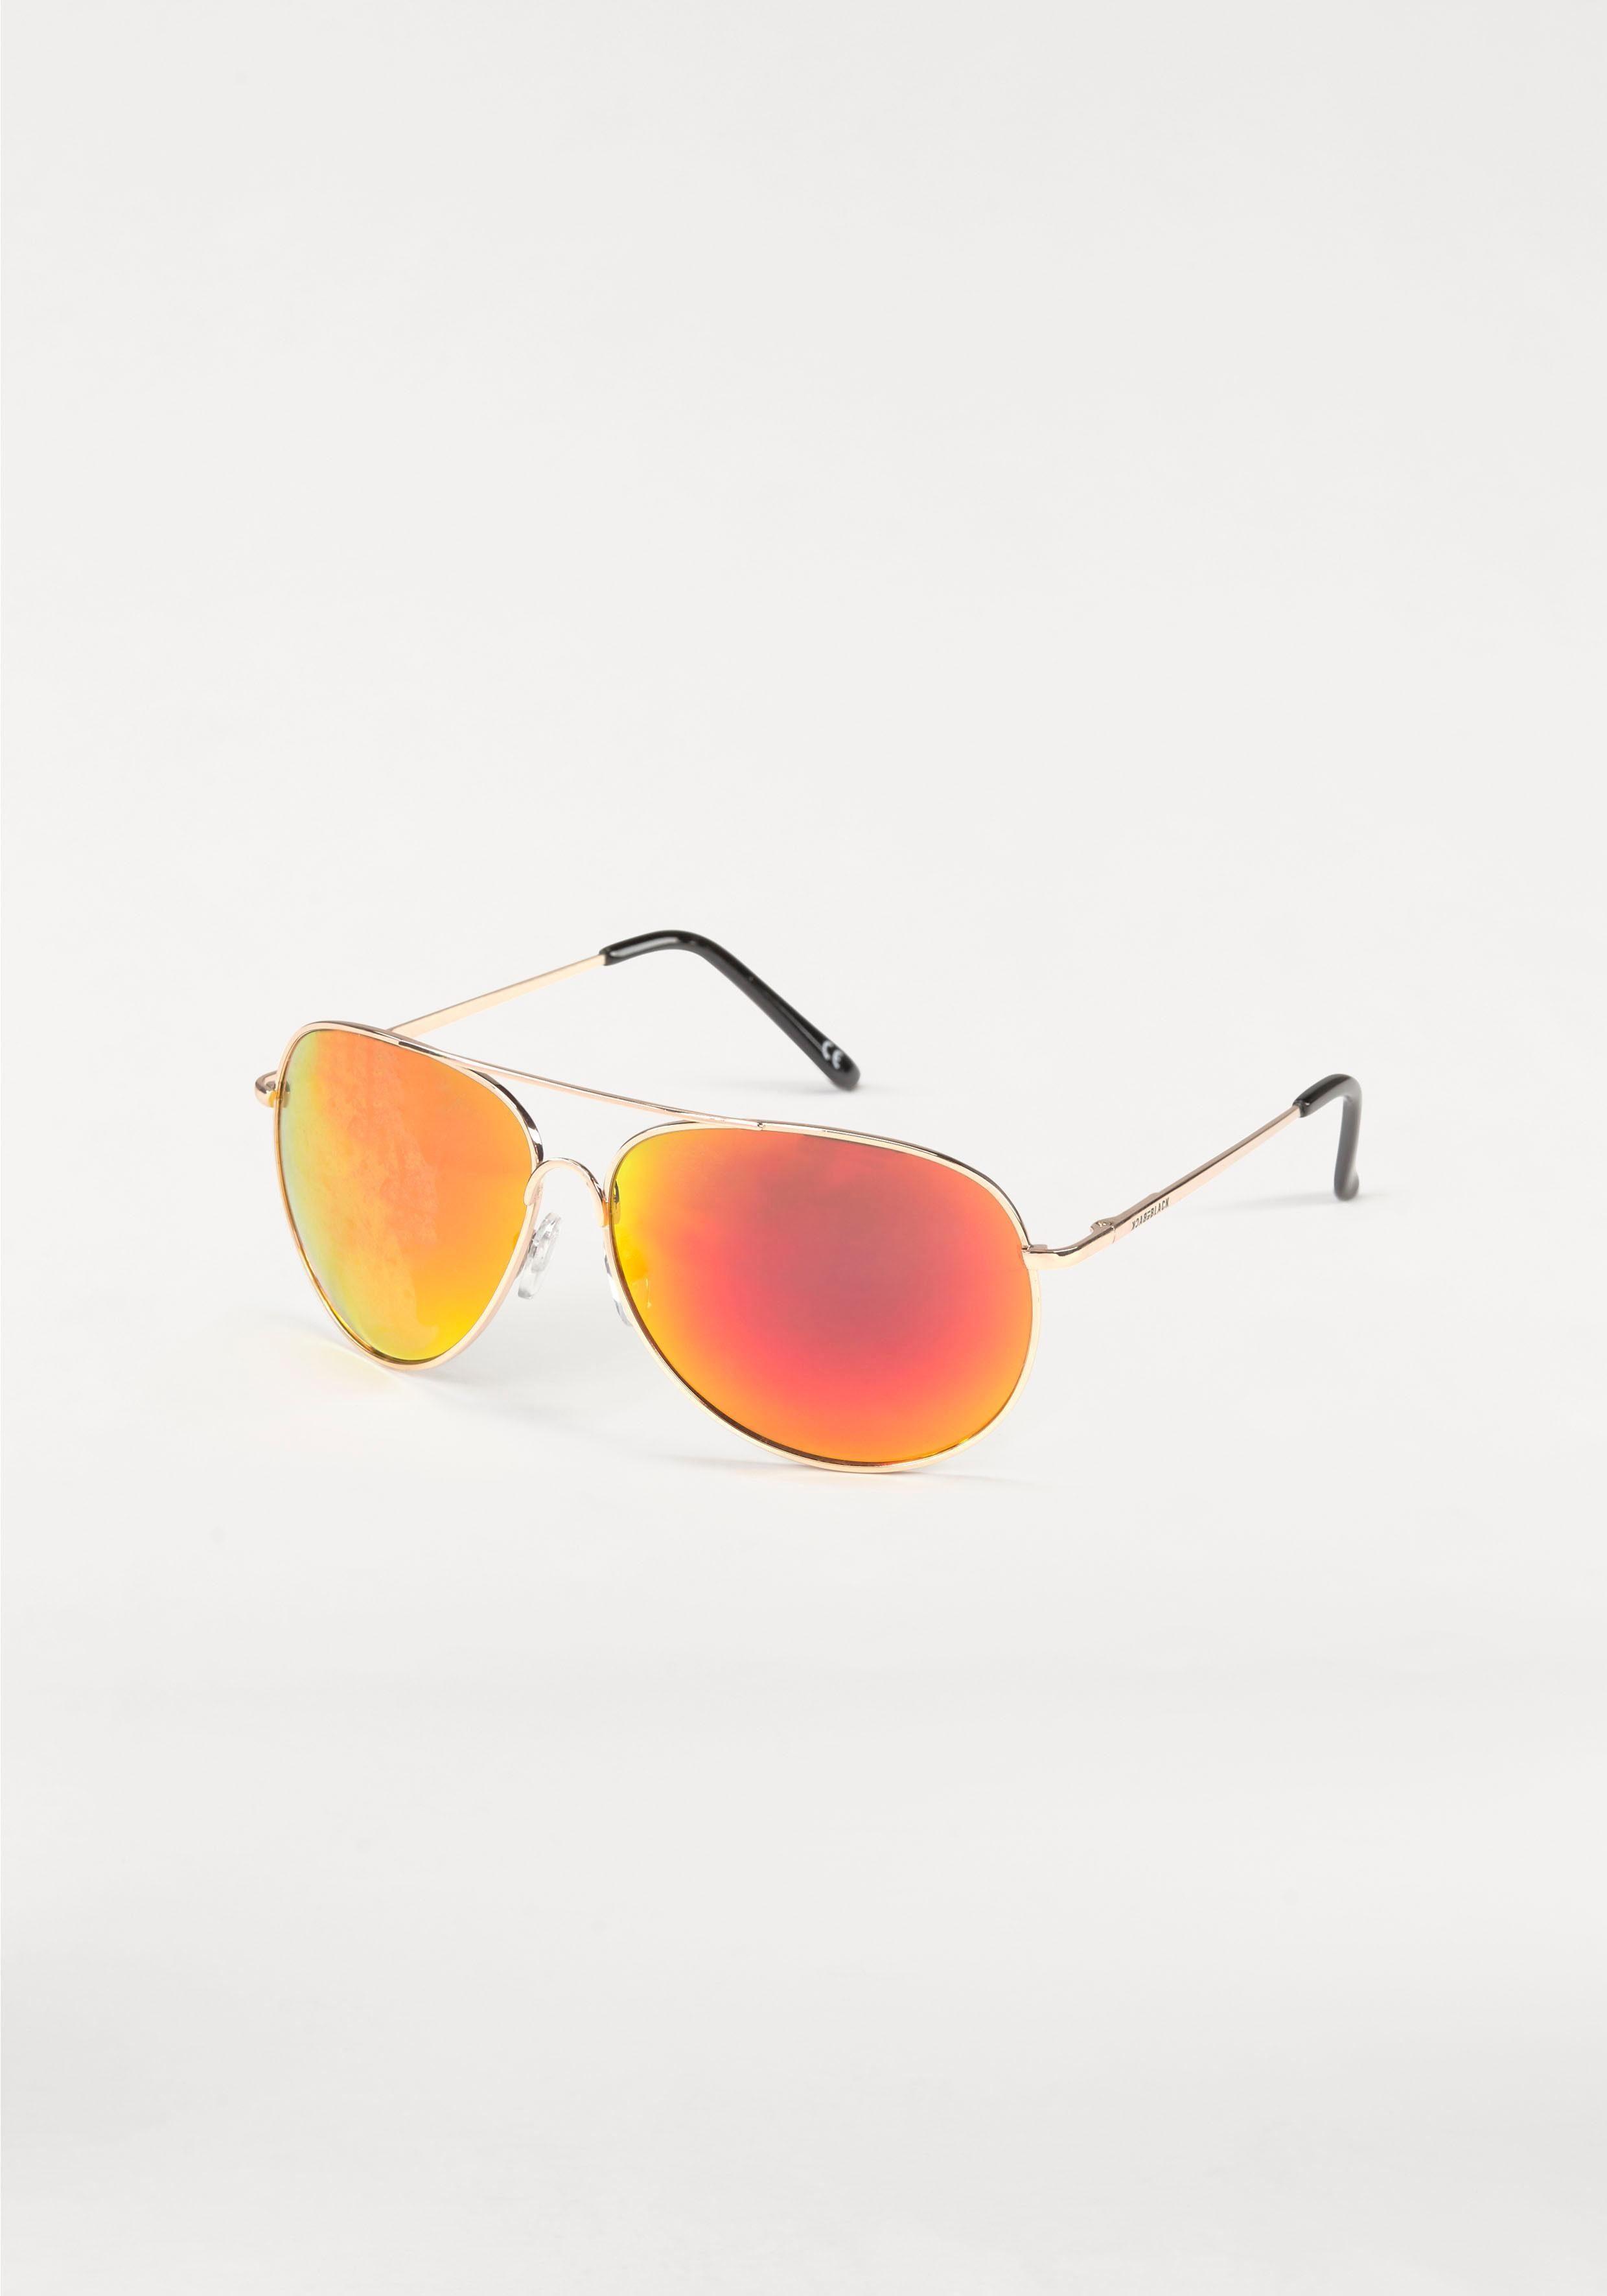 BACK IN BLACK Eyewear Sonnenbrille, im zeitlos coolen Look